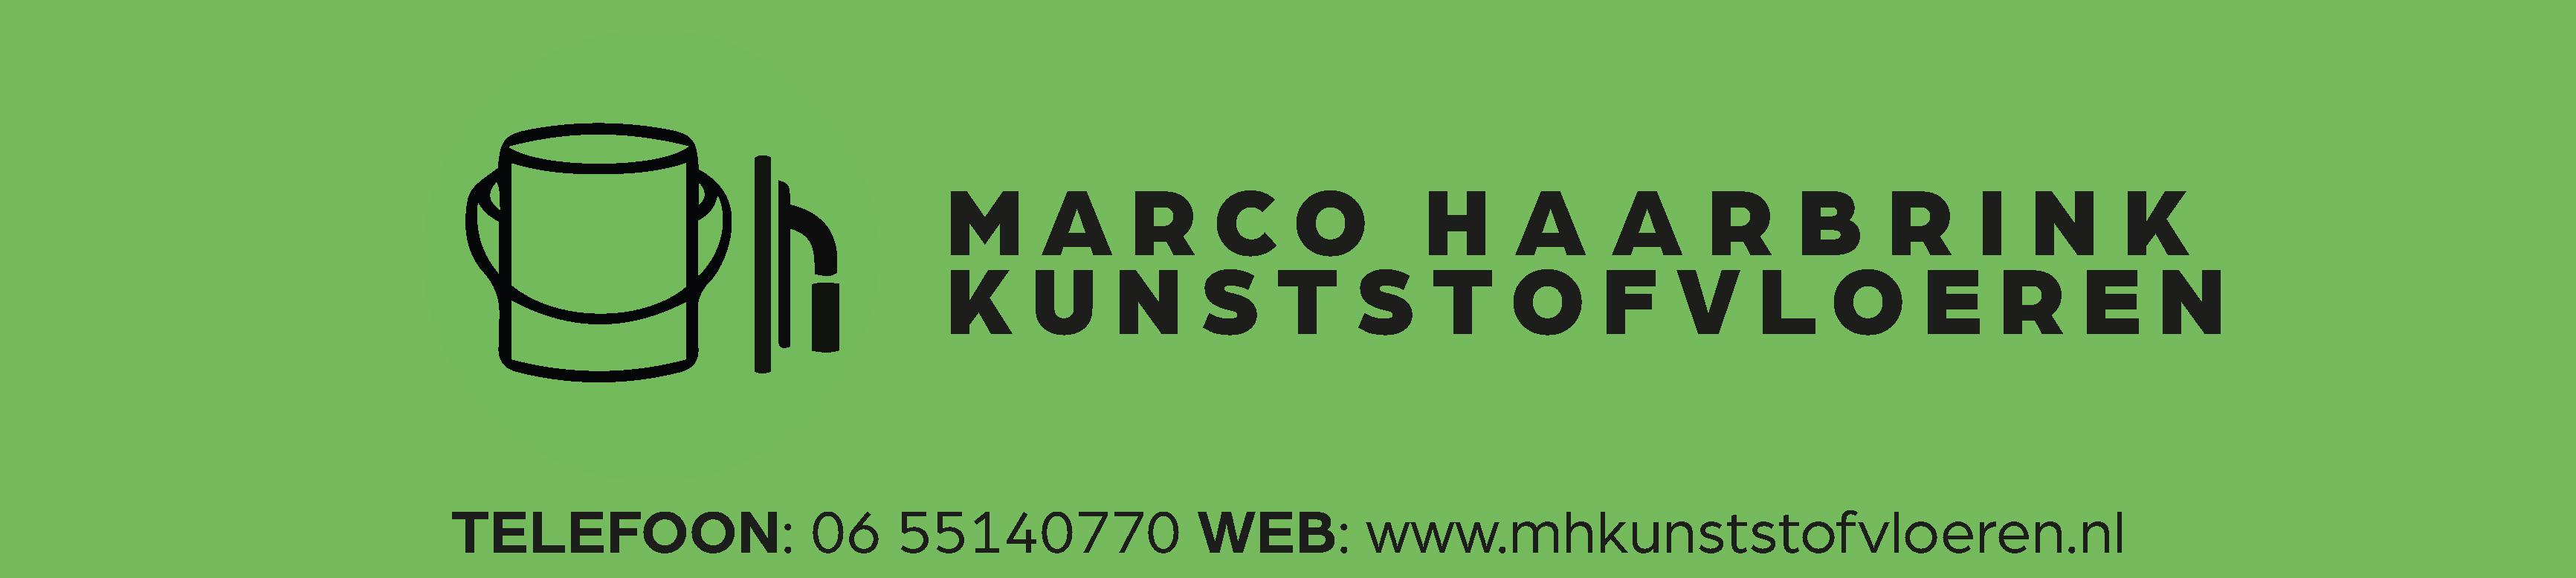 Marco Haarbrink Kunststof Vloeren